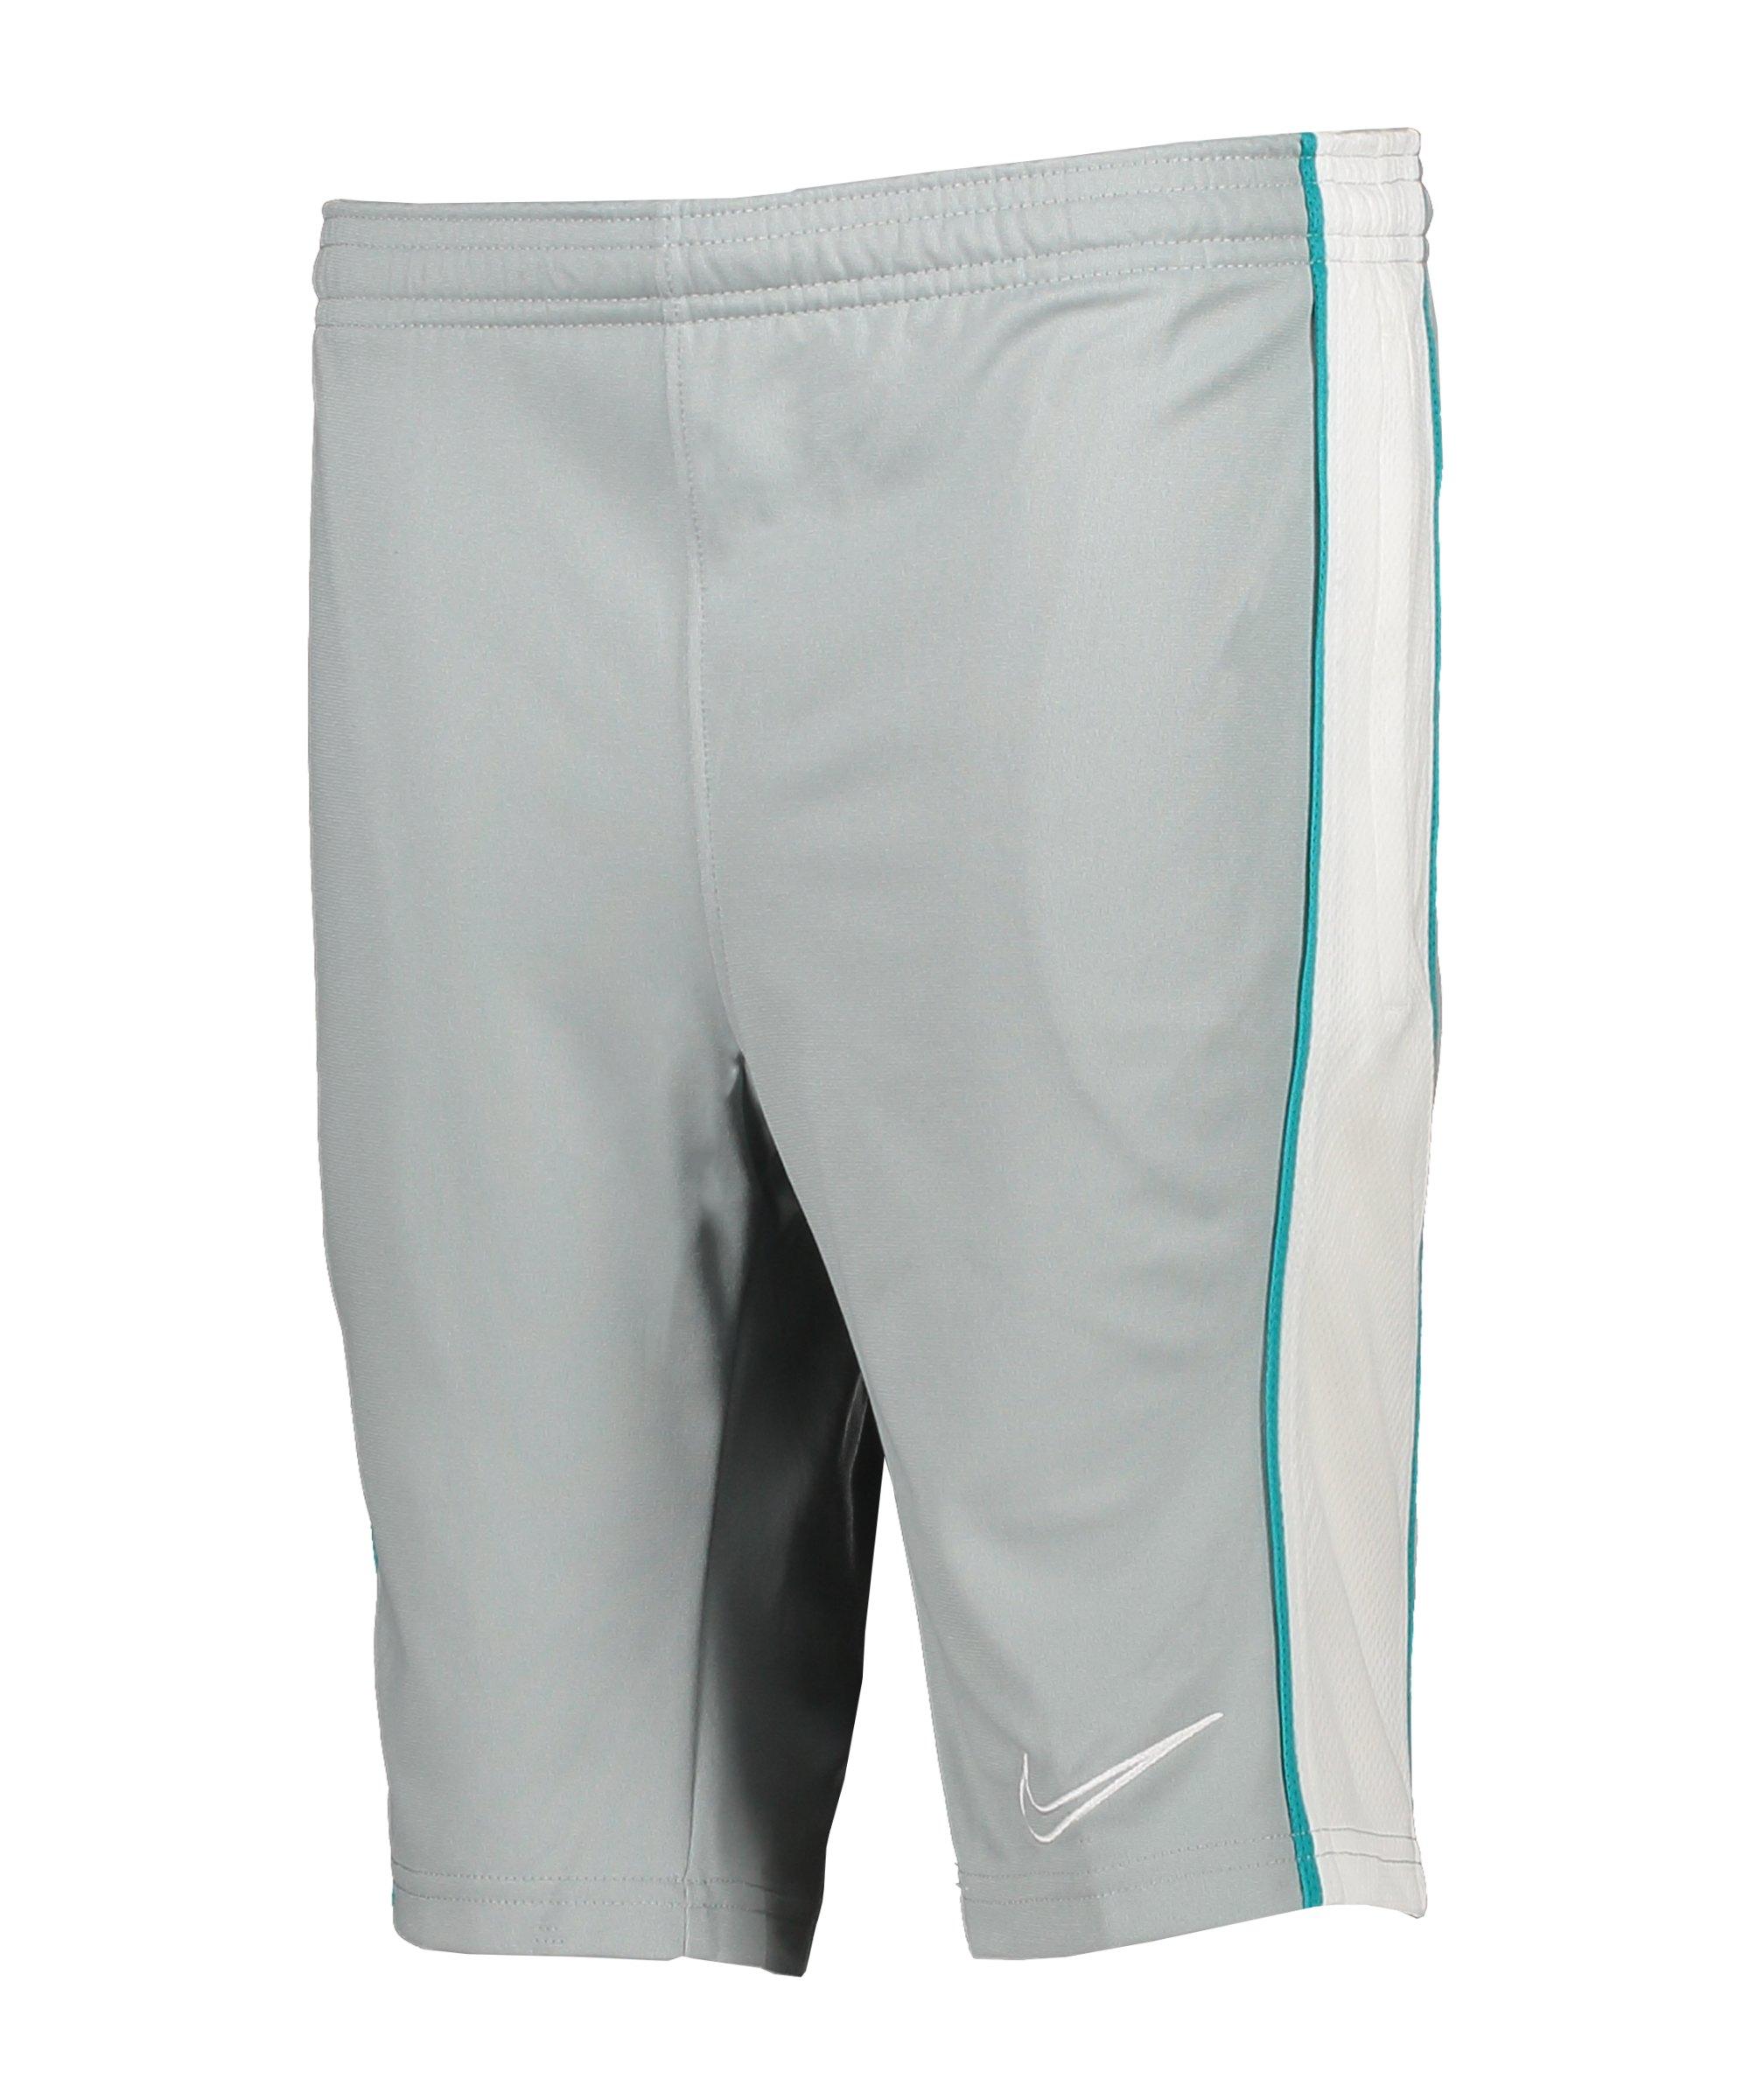 Nike Academy Dri-FIT M18 Short Kids Grau F019 - grau